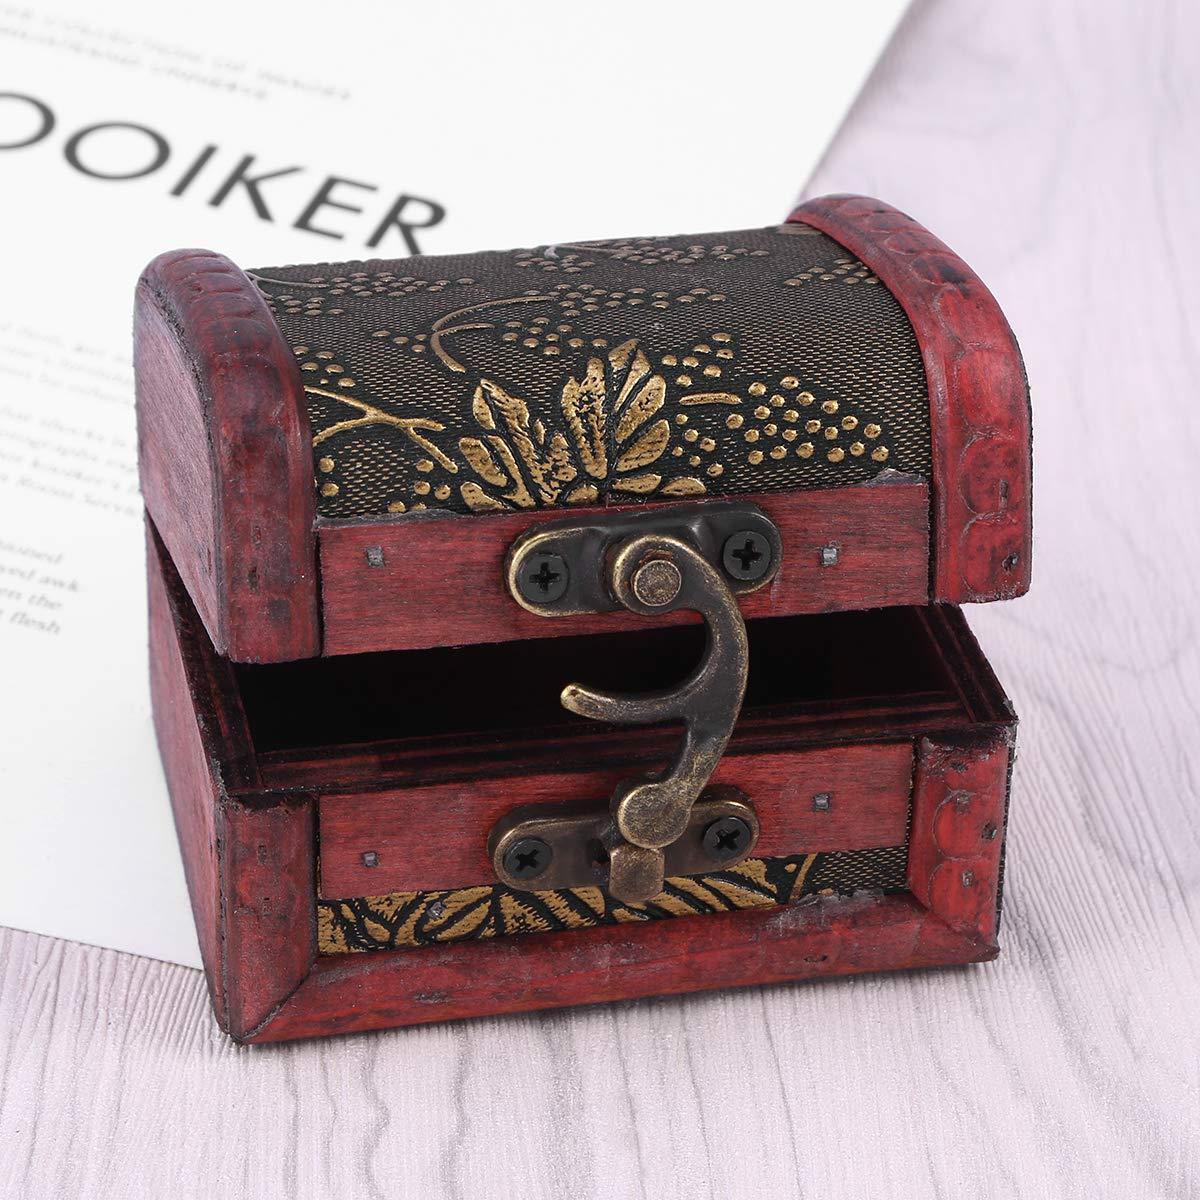 Vosarea Caja de Almacenamiento de joyería de Escritorio del Cofre del Tesoro de Madera Vintage Misceláneas Organizador Caja contenedor (UVA Dorada): ...